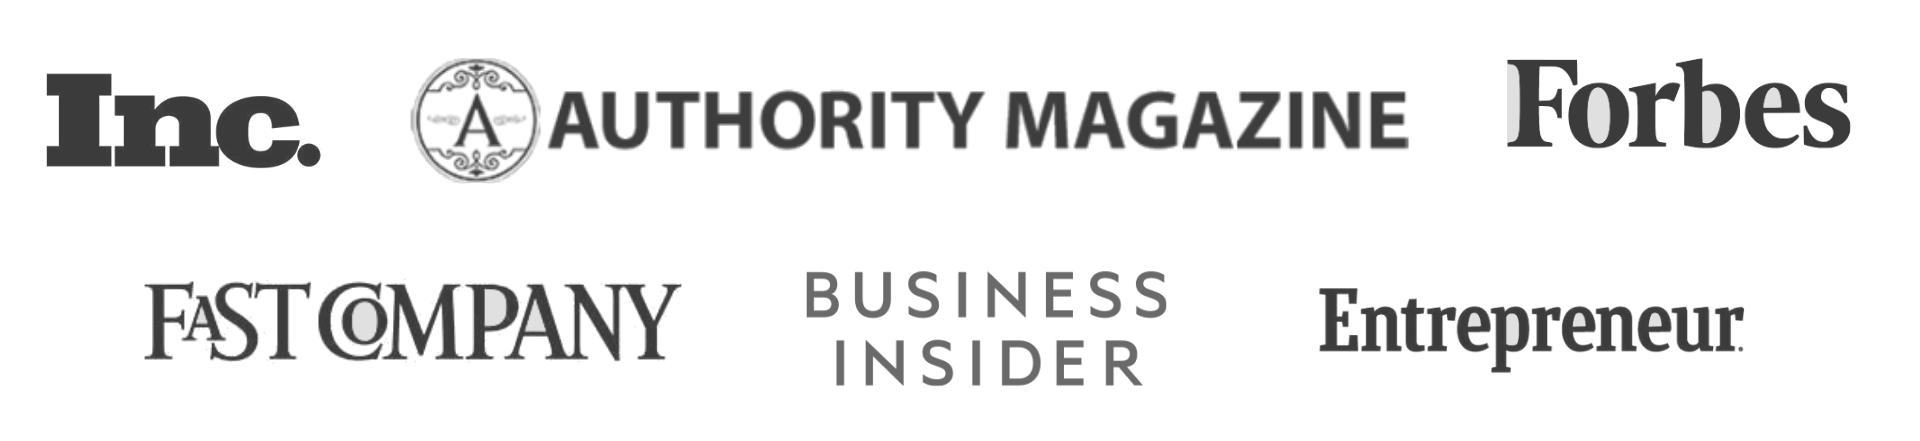 keynote speaker mobile logo strip